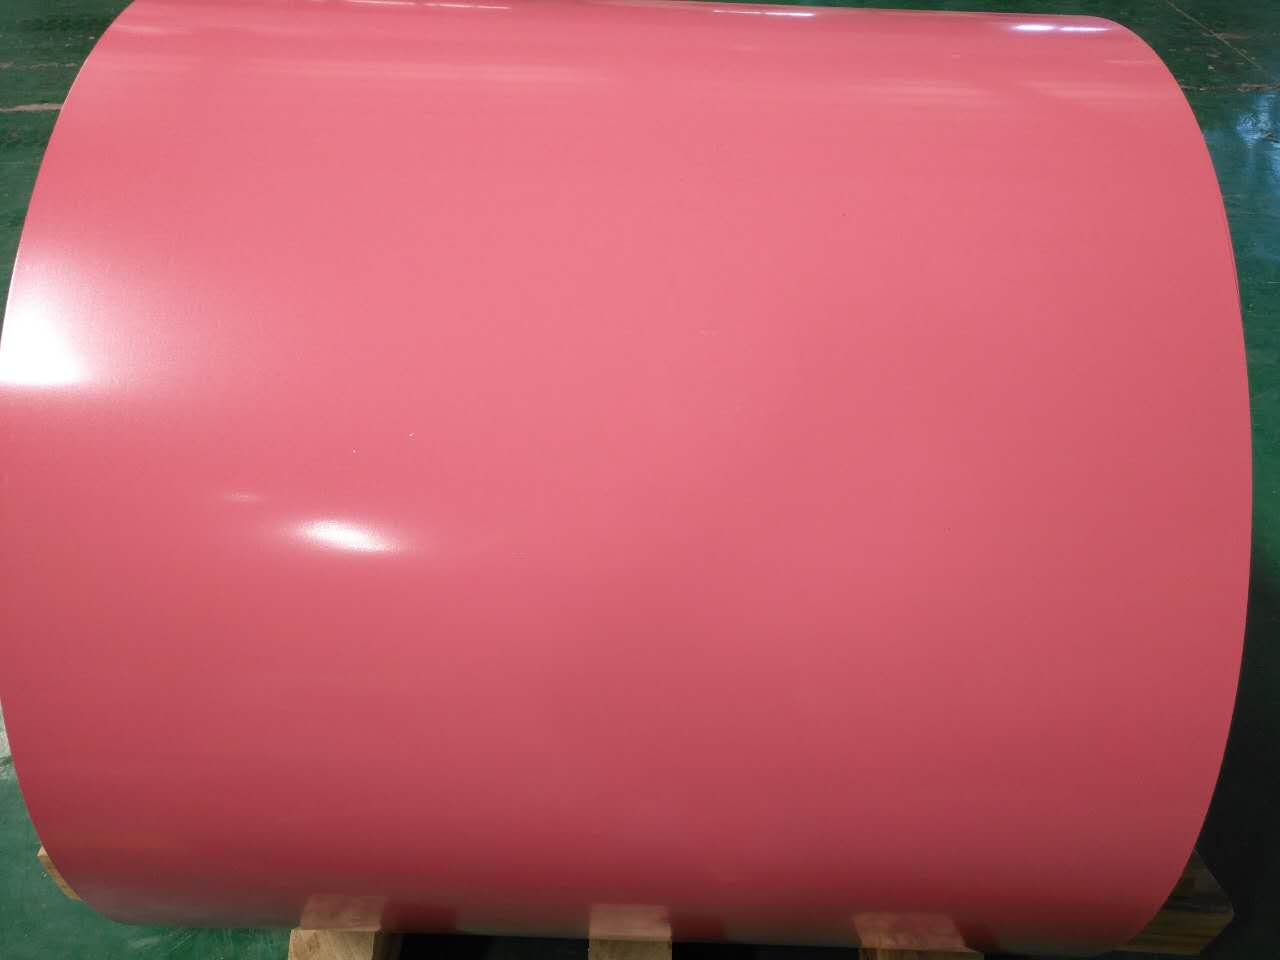 河南彩铝厂家直销铝镁锰合金彩涂铝板 铝卷 铝带规格齐全